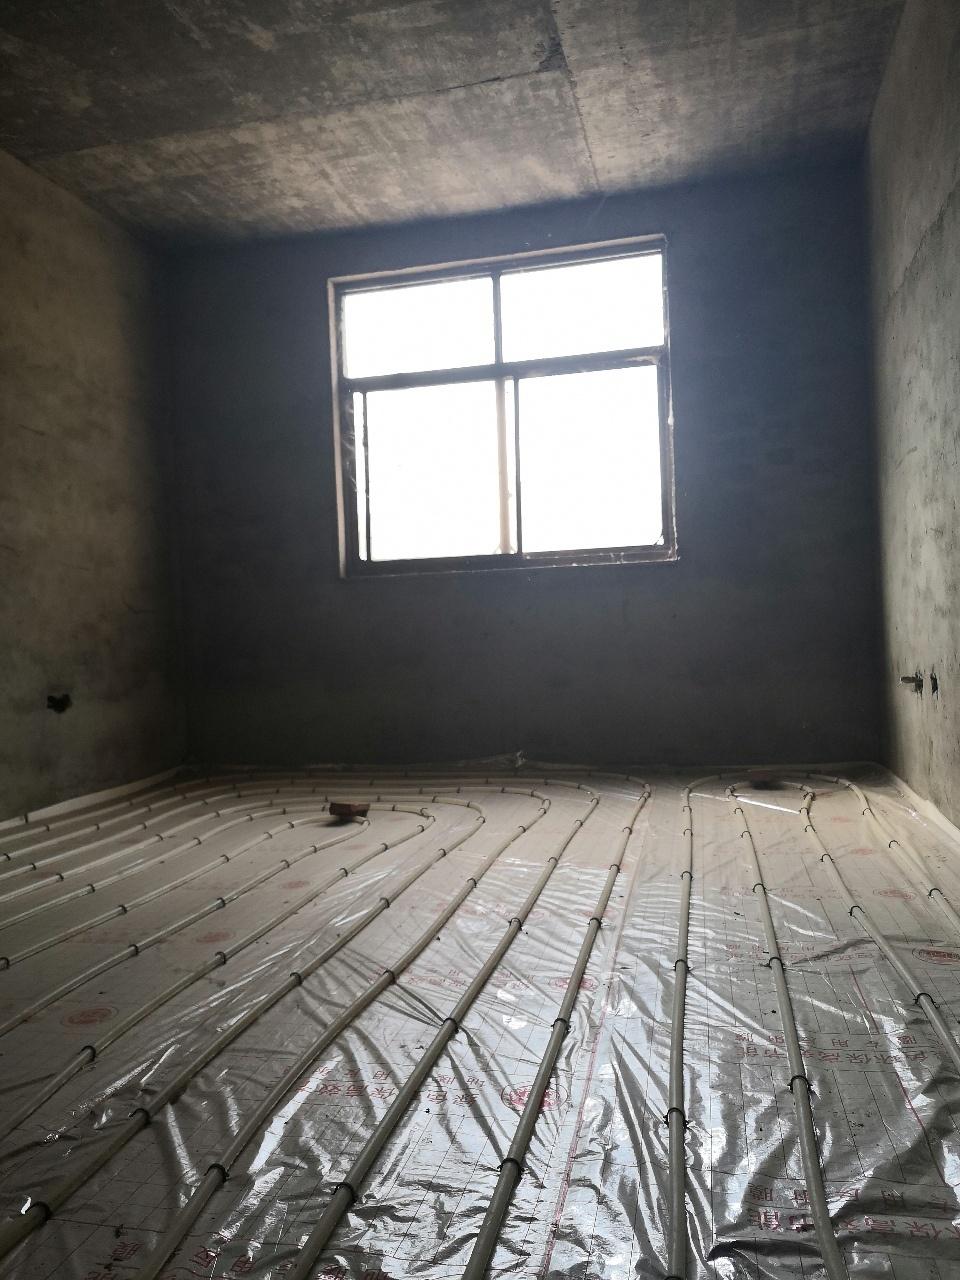 健康新城3室2廳1衛60萬元帶車庫有證